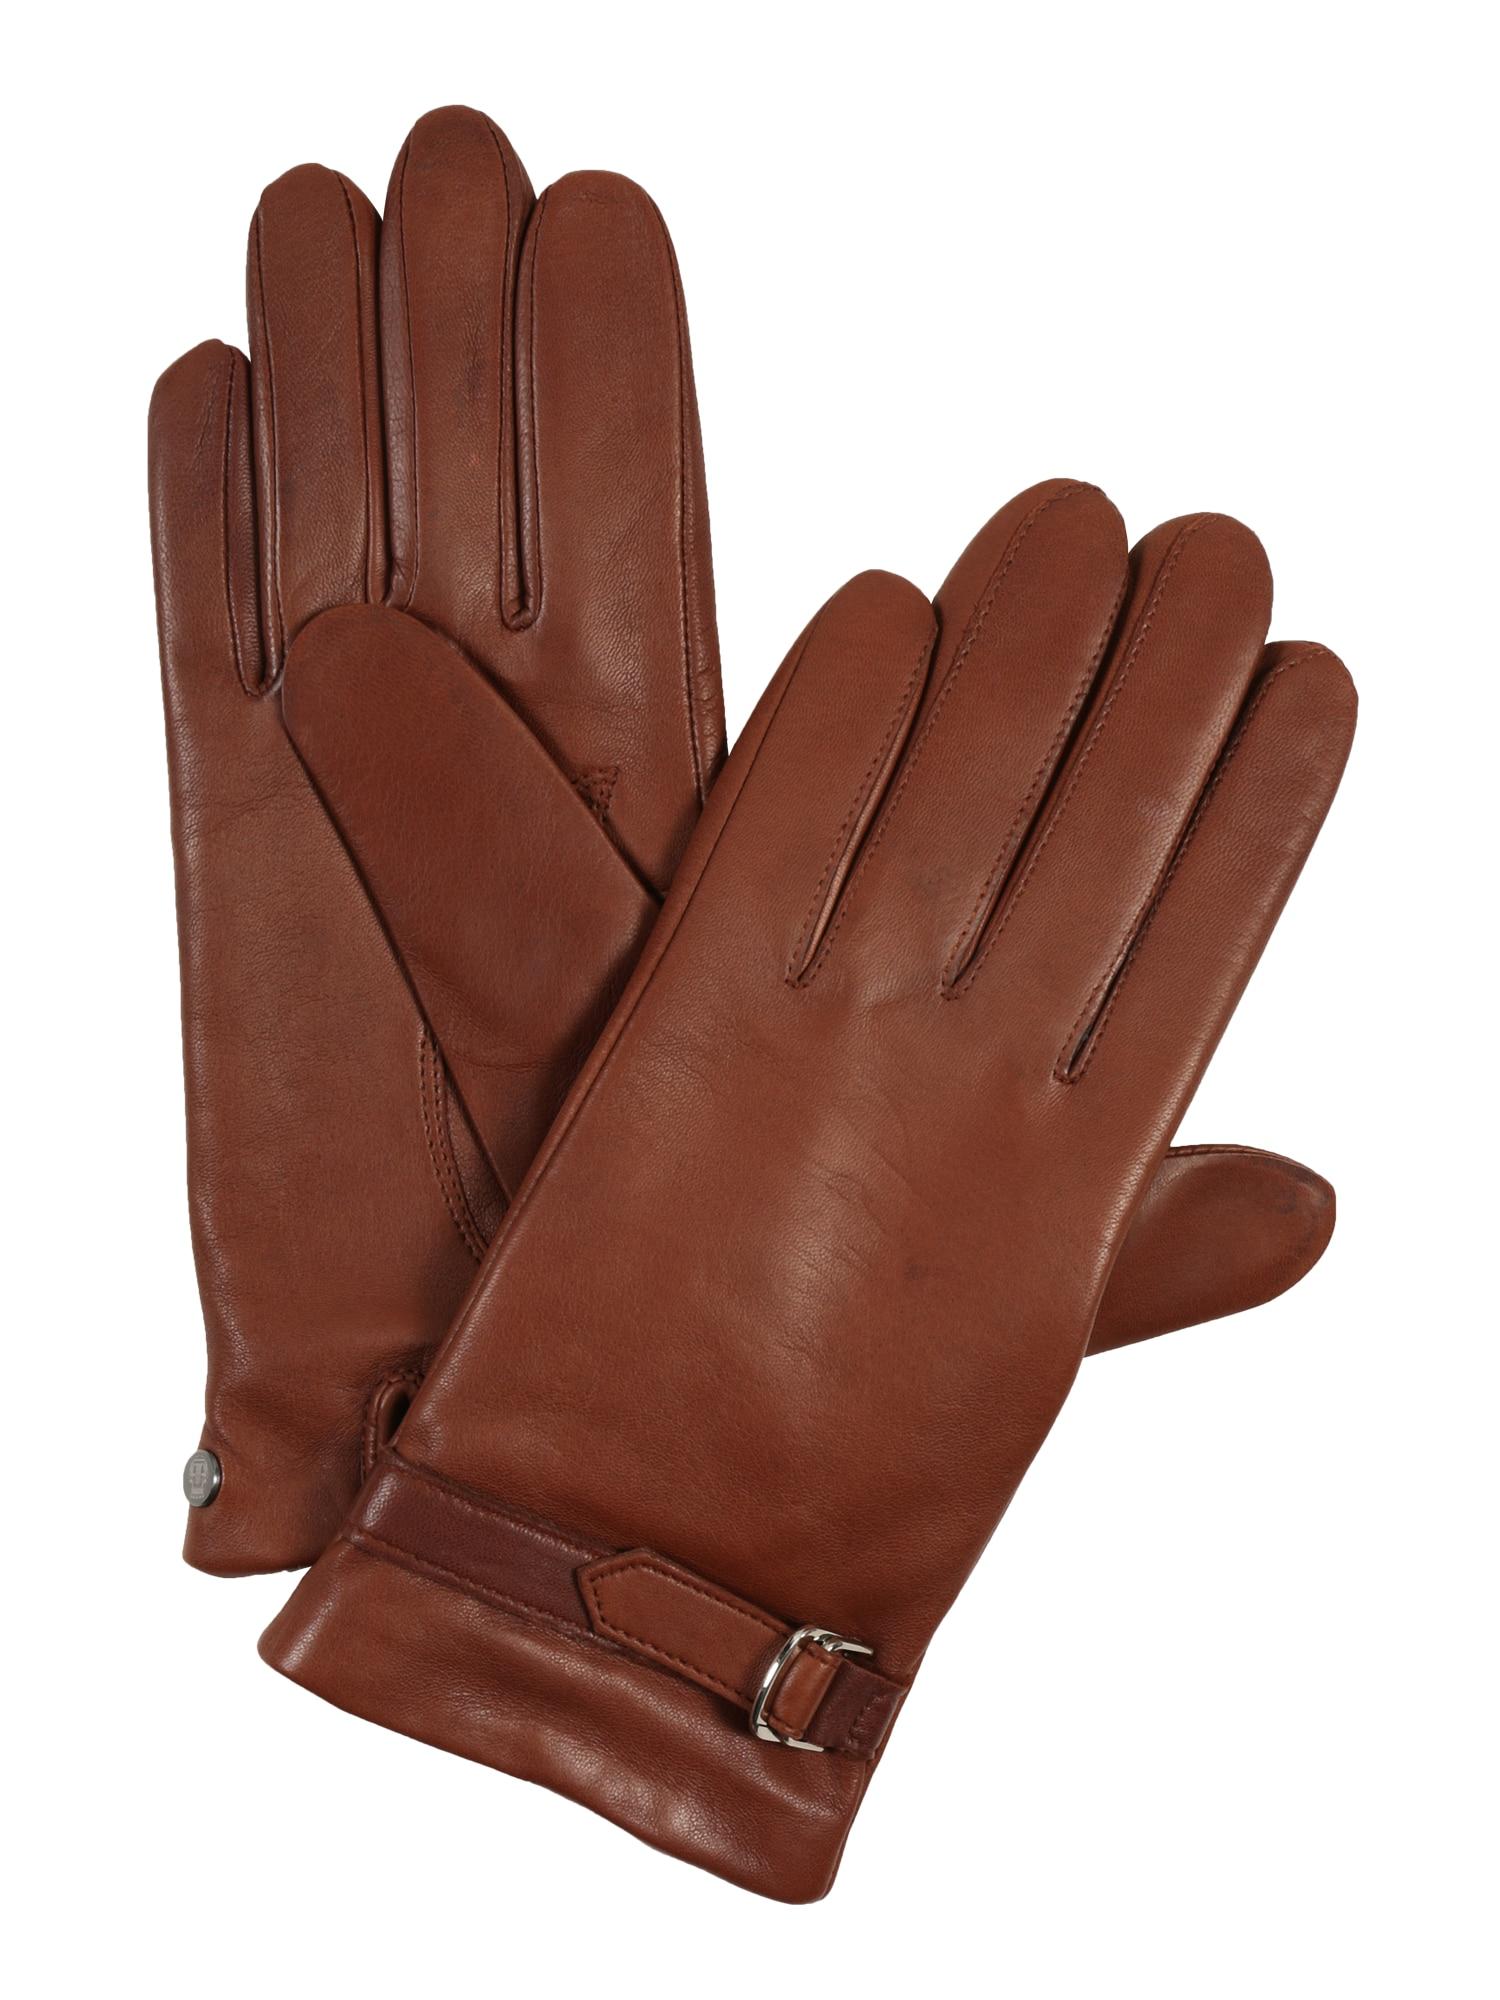 Handschuhe 'Delicate Buckle' | Accessoires > Handschuhe > Sonstige Handschuhe | ROECKL